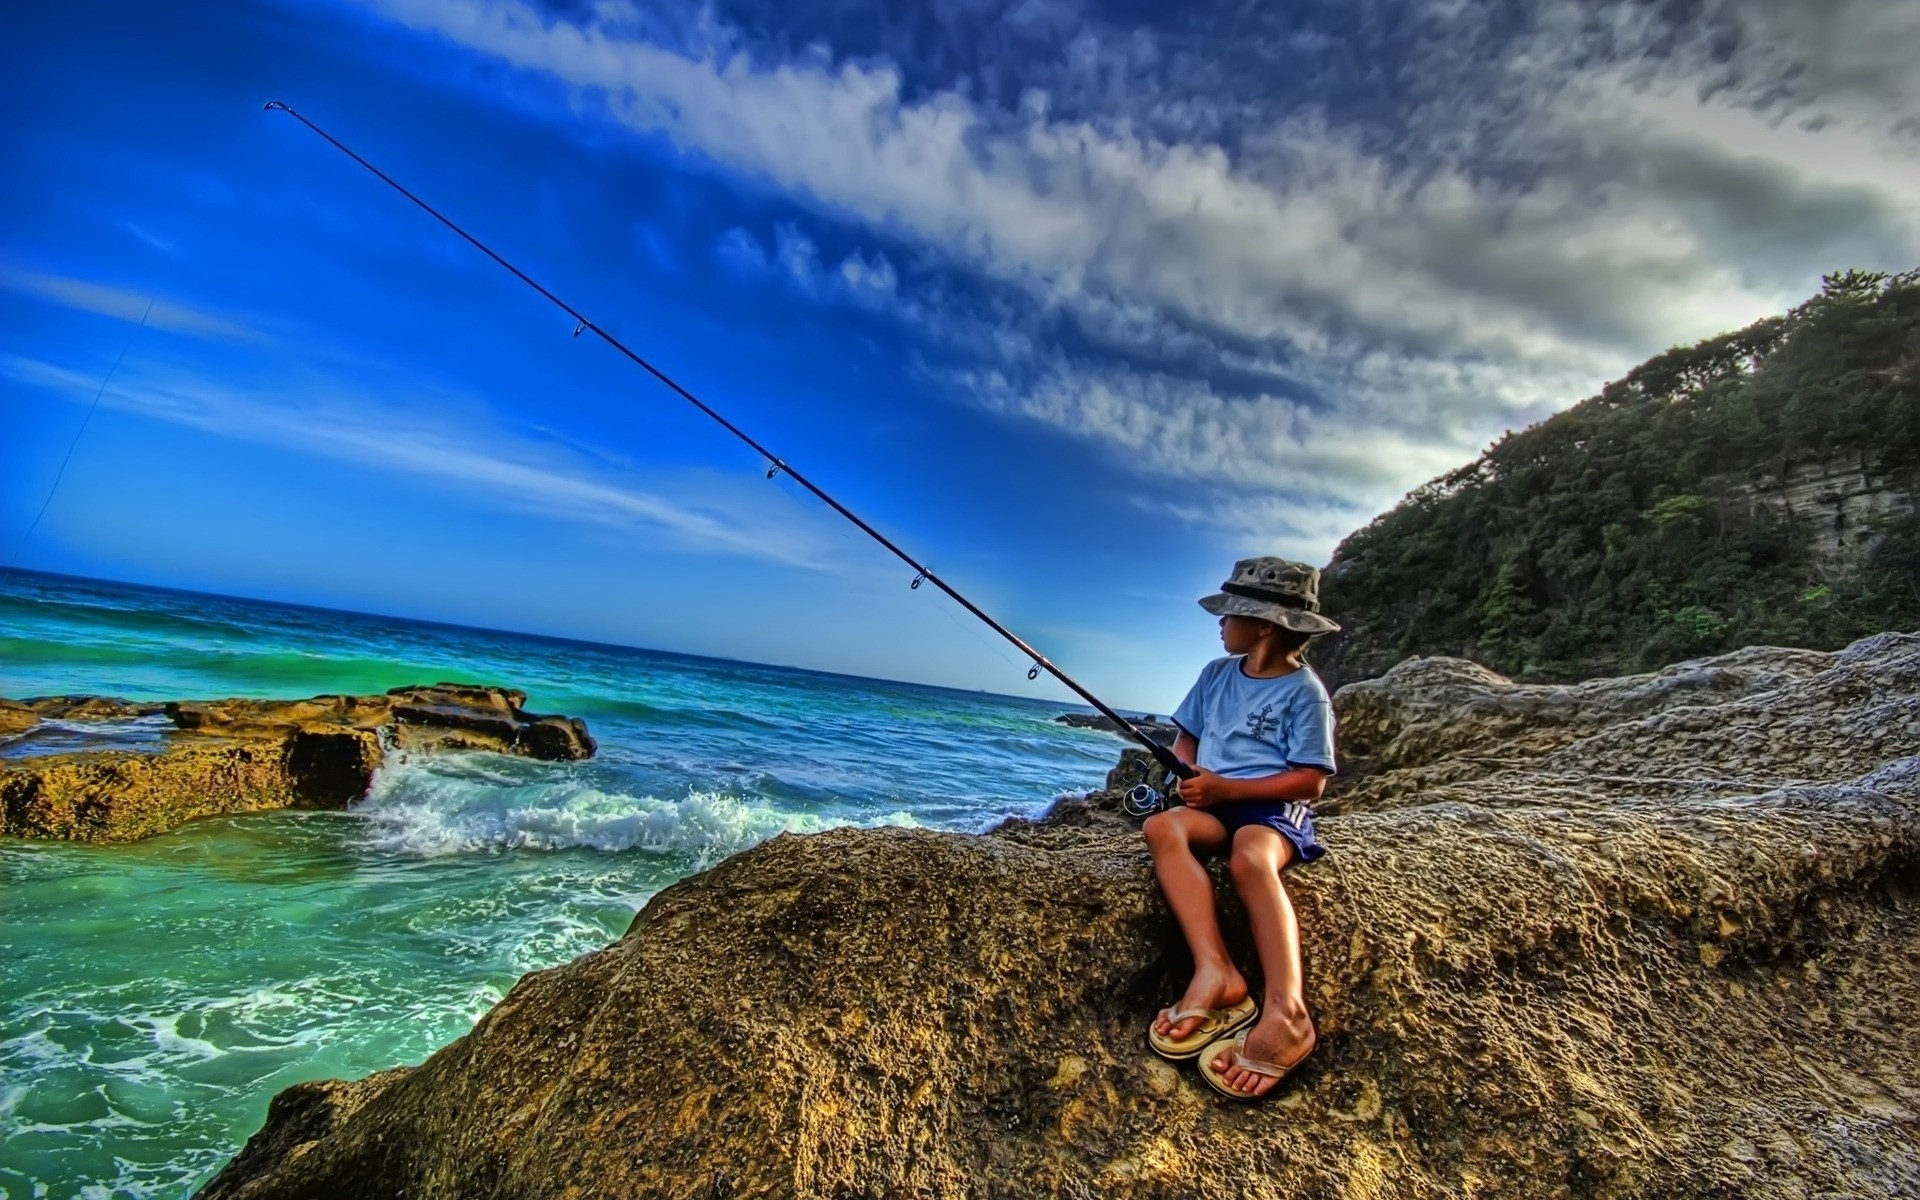 картинки про рыбалку на рабочий стол